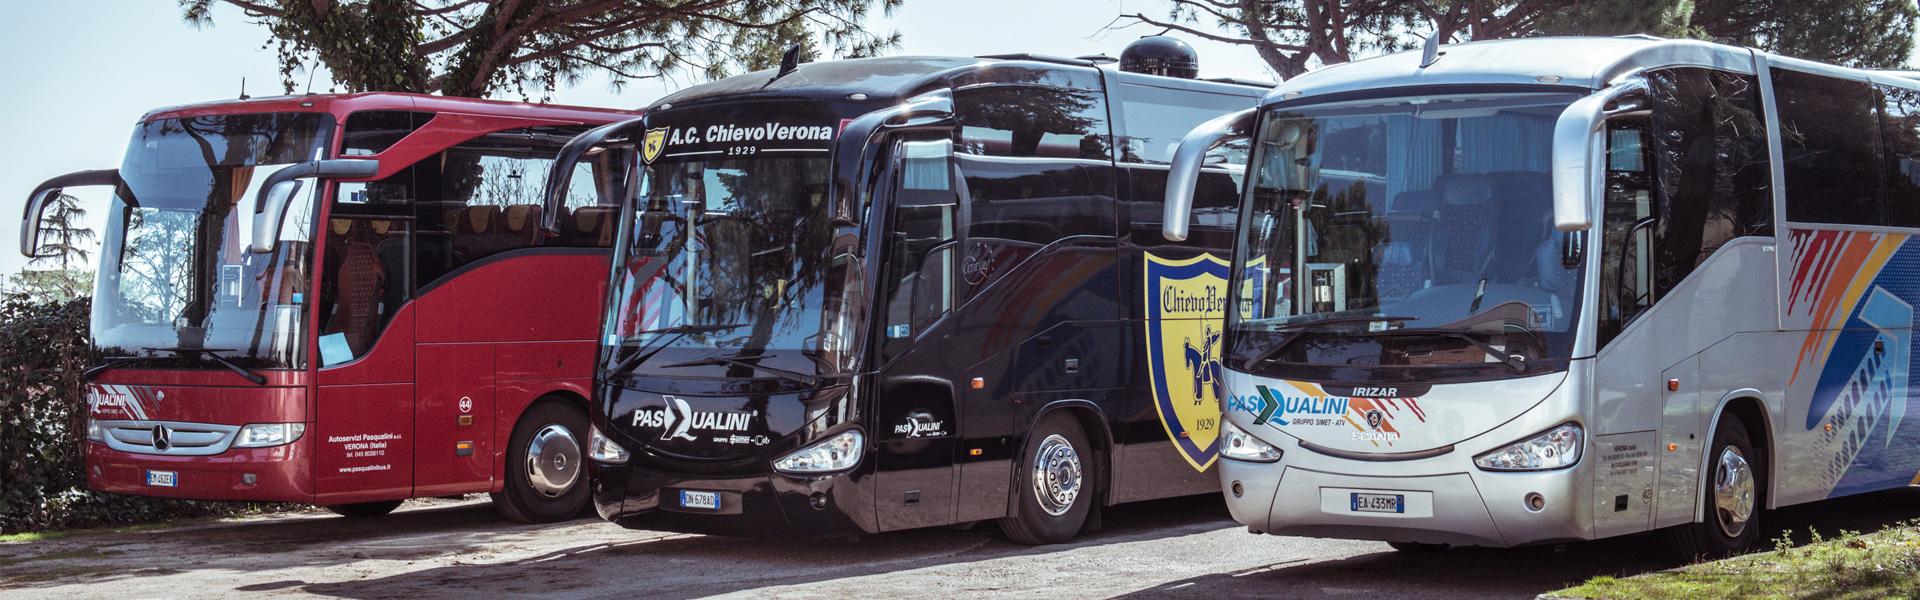 preventivi header- pasqualini bus verona 2